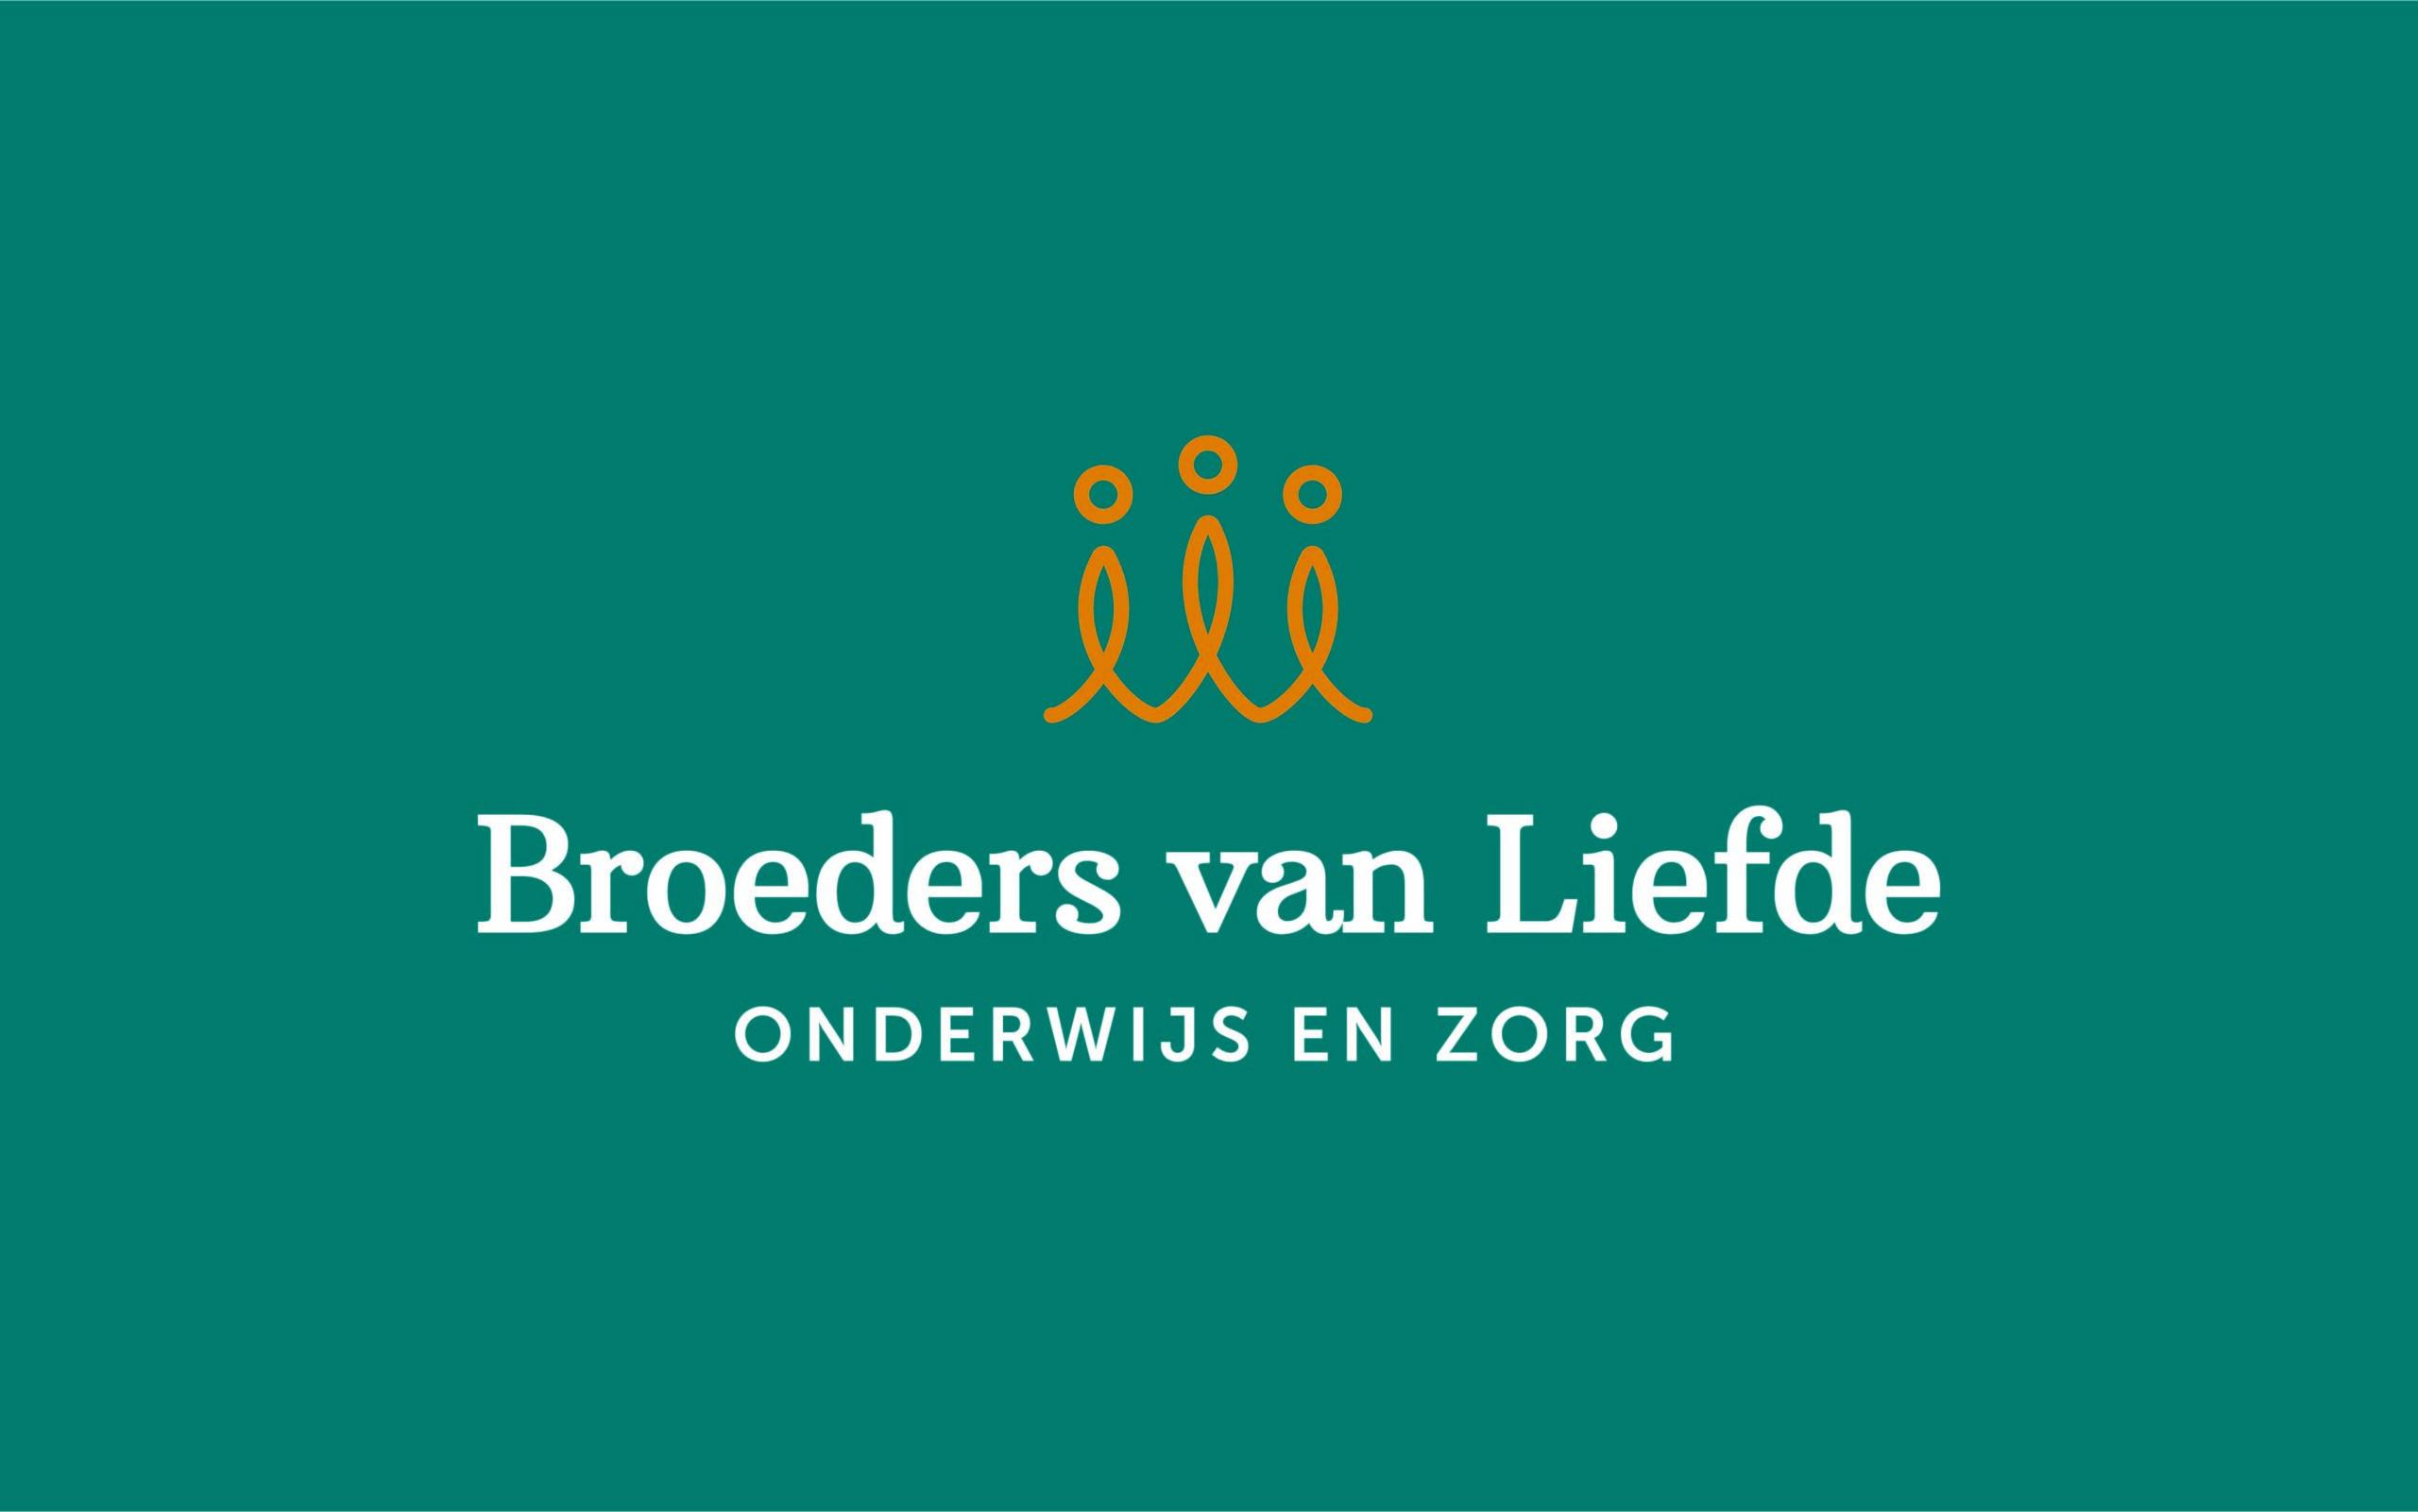 Logo Broeders van Liefde Onderwijs en Zorg